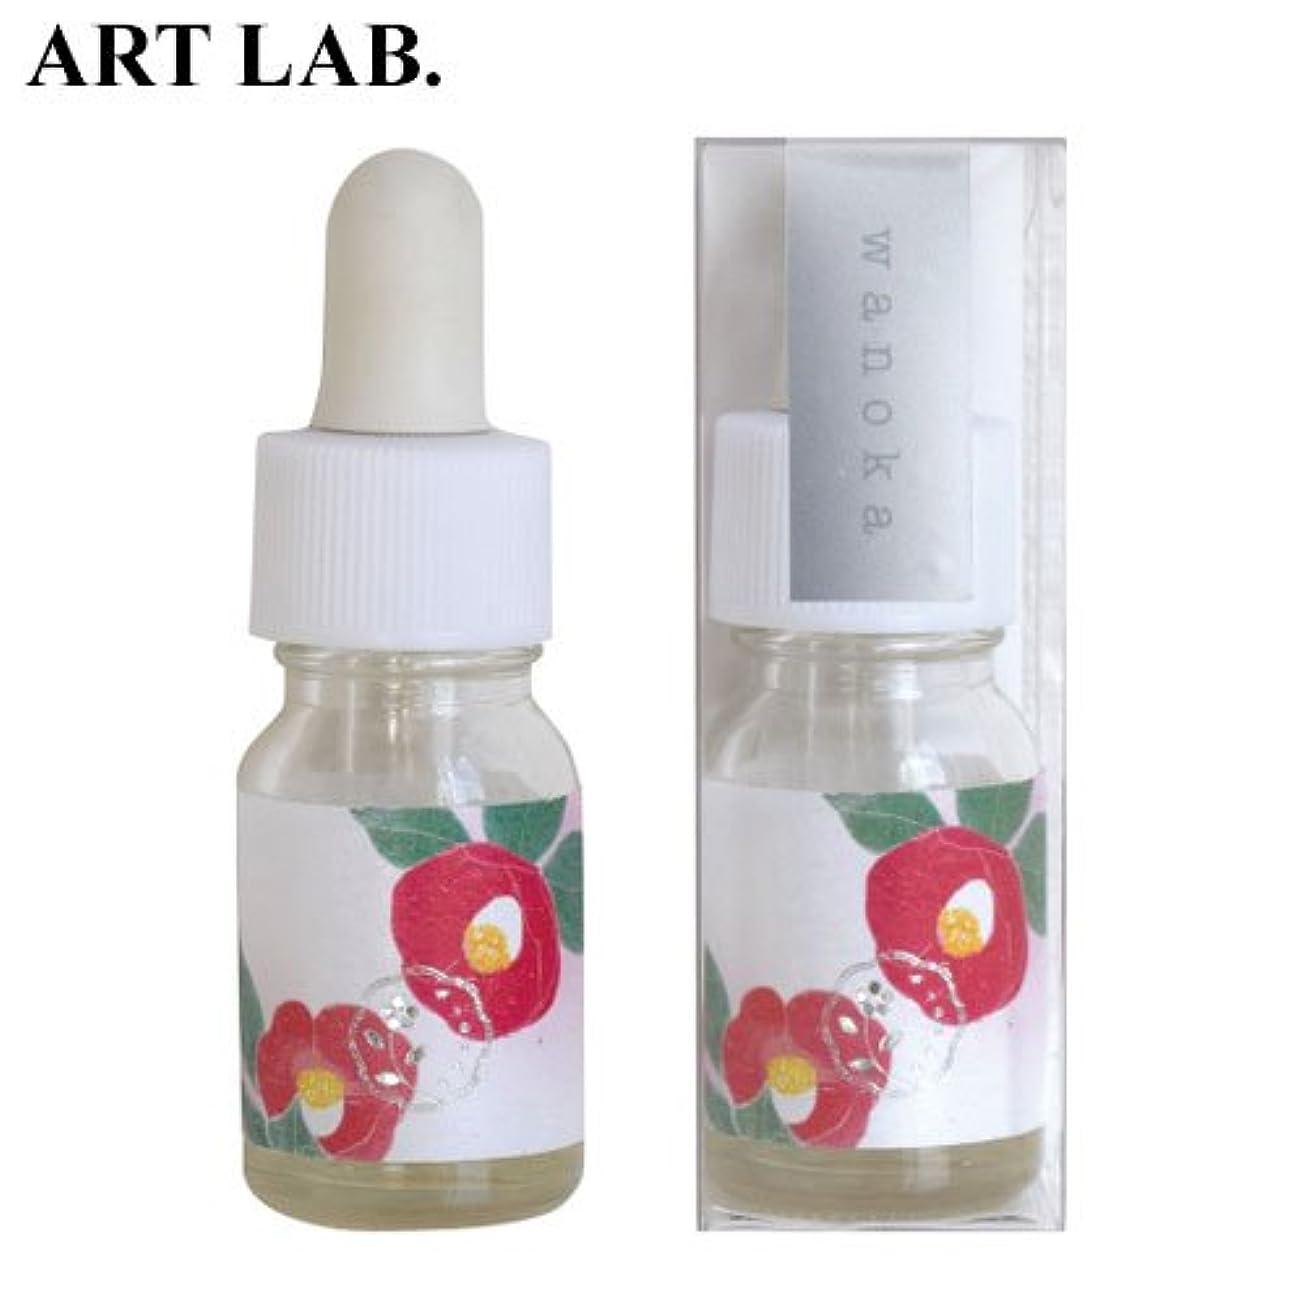 望まないフレームワーク潮wanoka香油アロマオイル椿《おしとやかで深みのある香り》ART LABAromatic oil